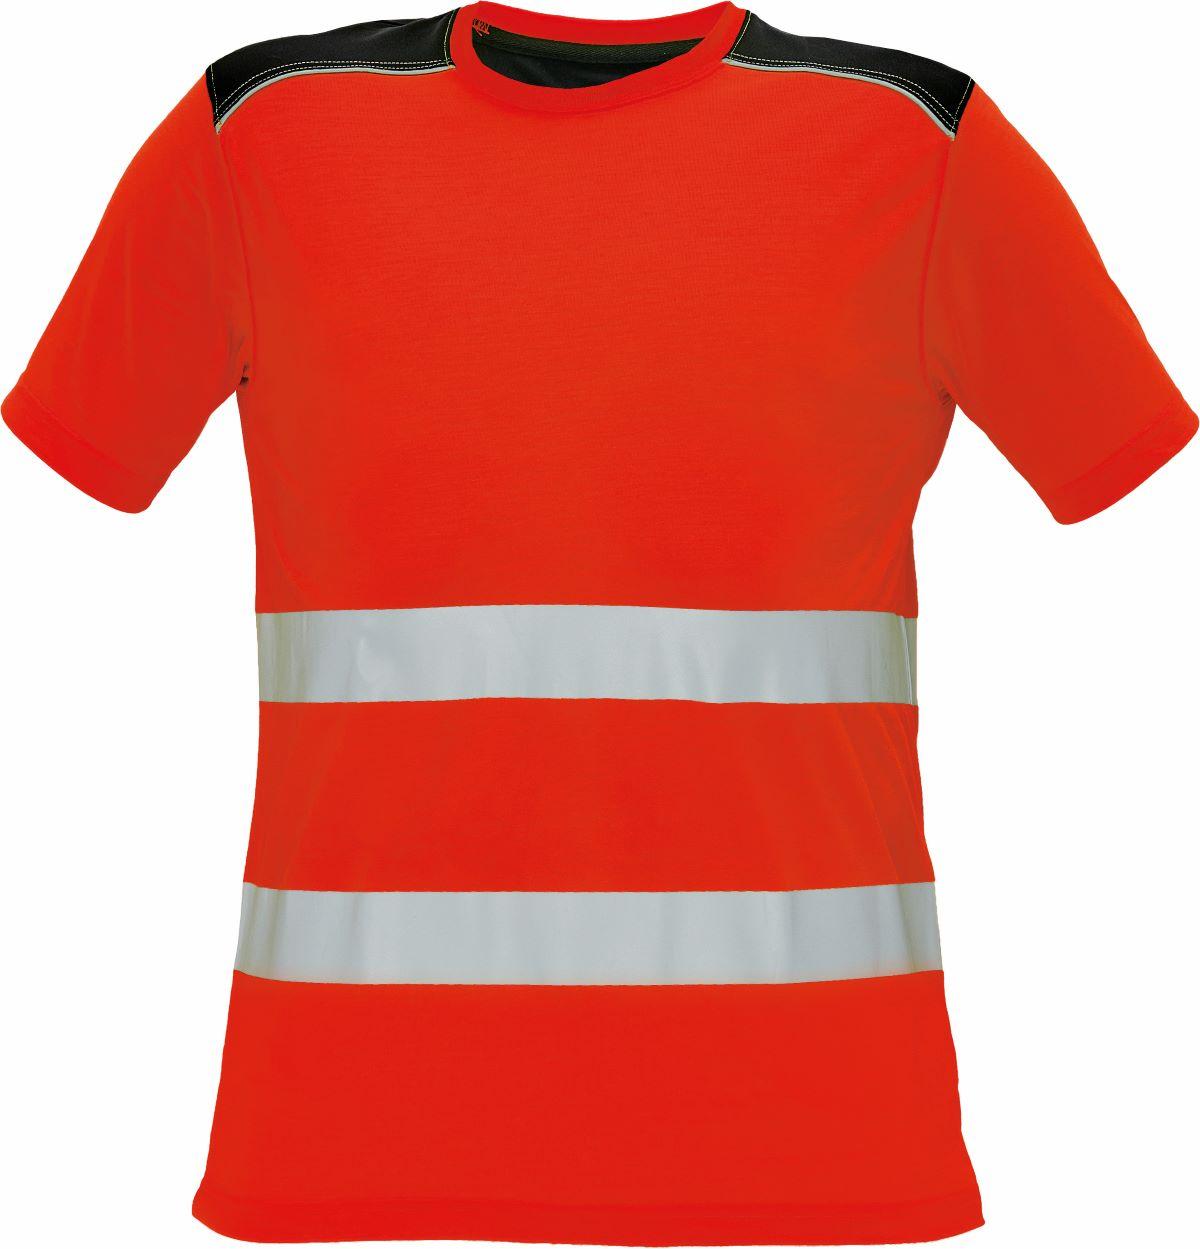 KNOXFIELD HV triko červená S